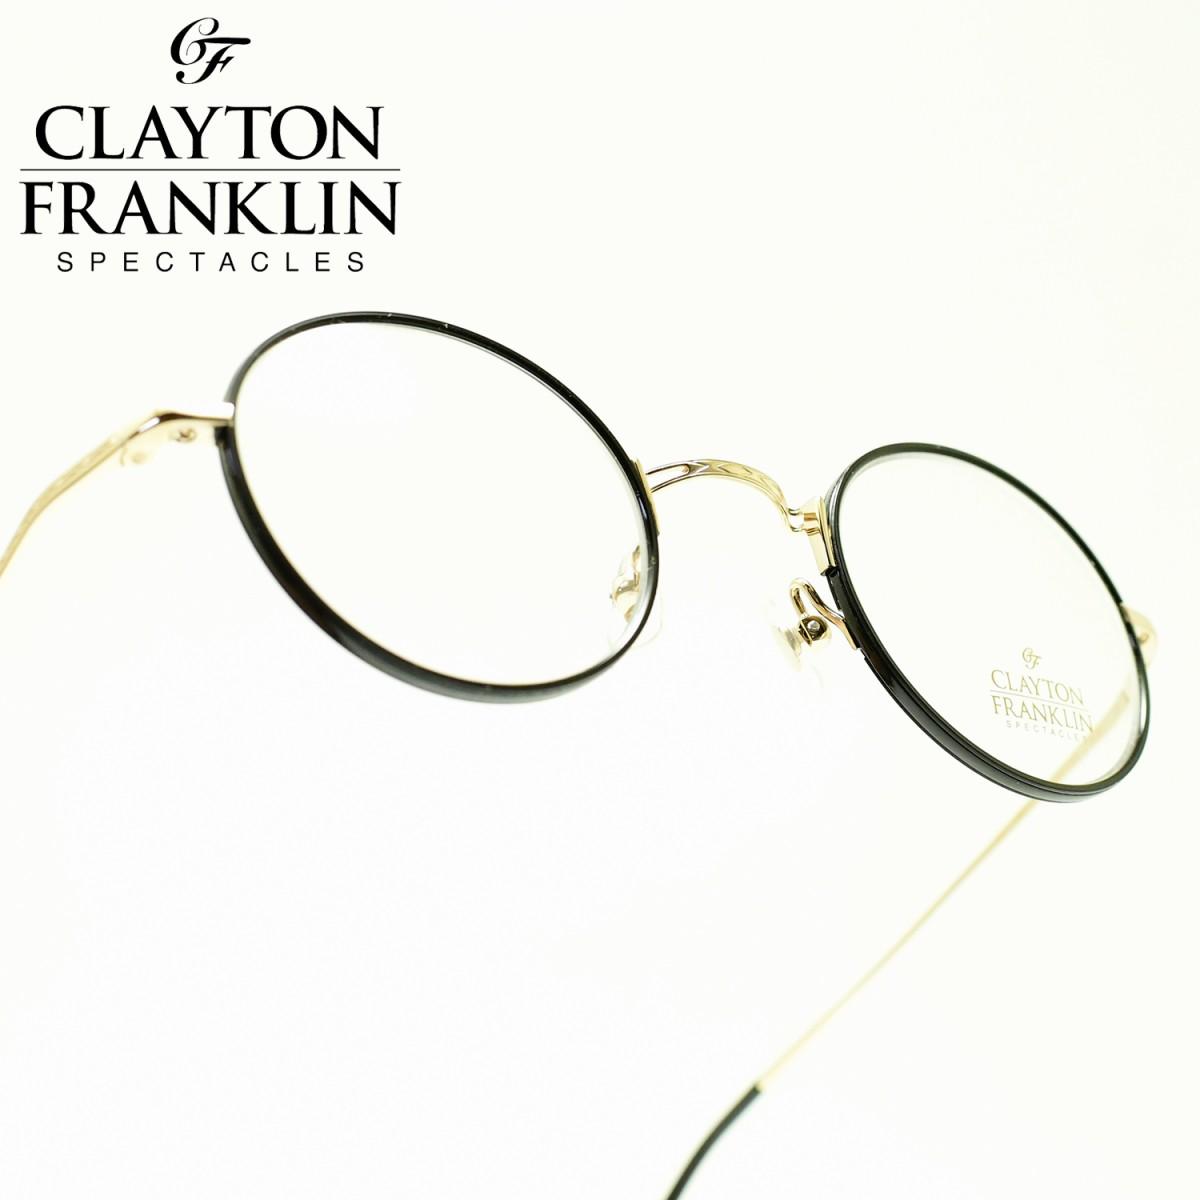 CLAYTON FRANKLIN クレイトンフランクリン636 GP(ゴールド/デモレンズ)メガネ 眼鏡 めがね メンズ レディース おしゃれブランド 人気 おすすめ フレーム 流行り 度付き レンズ